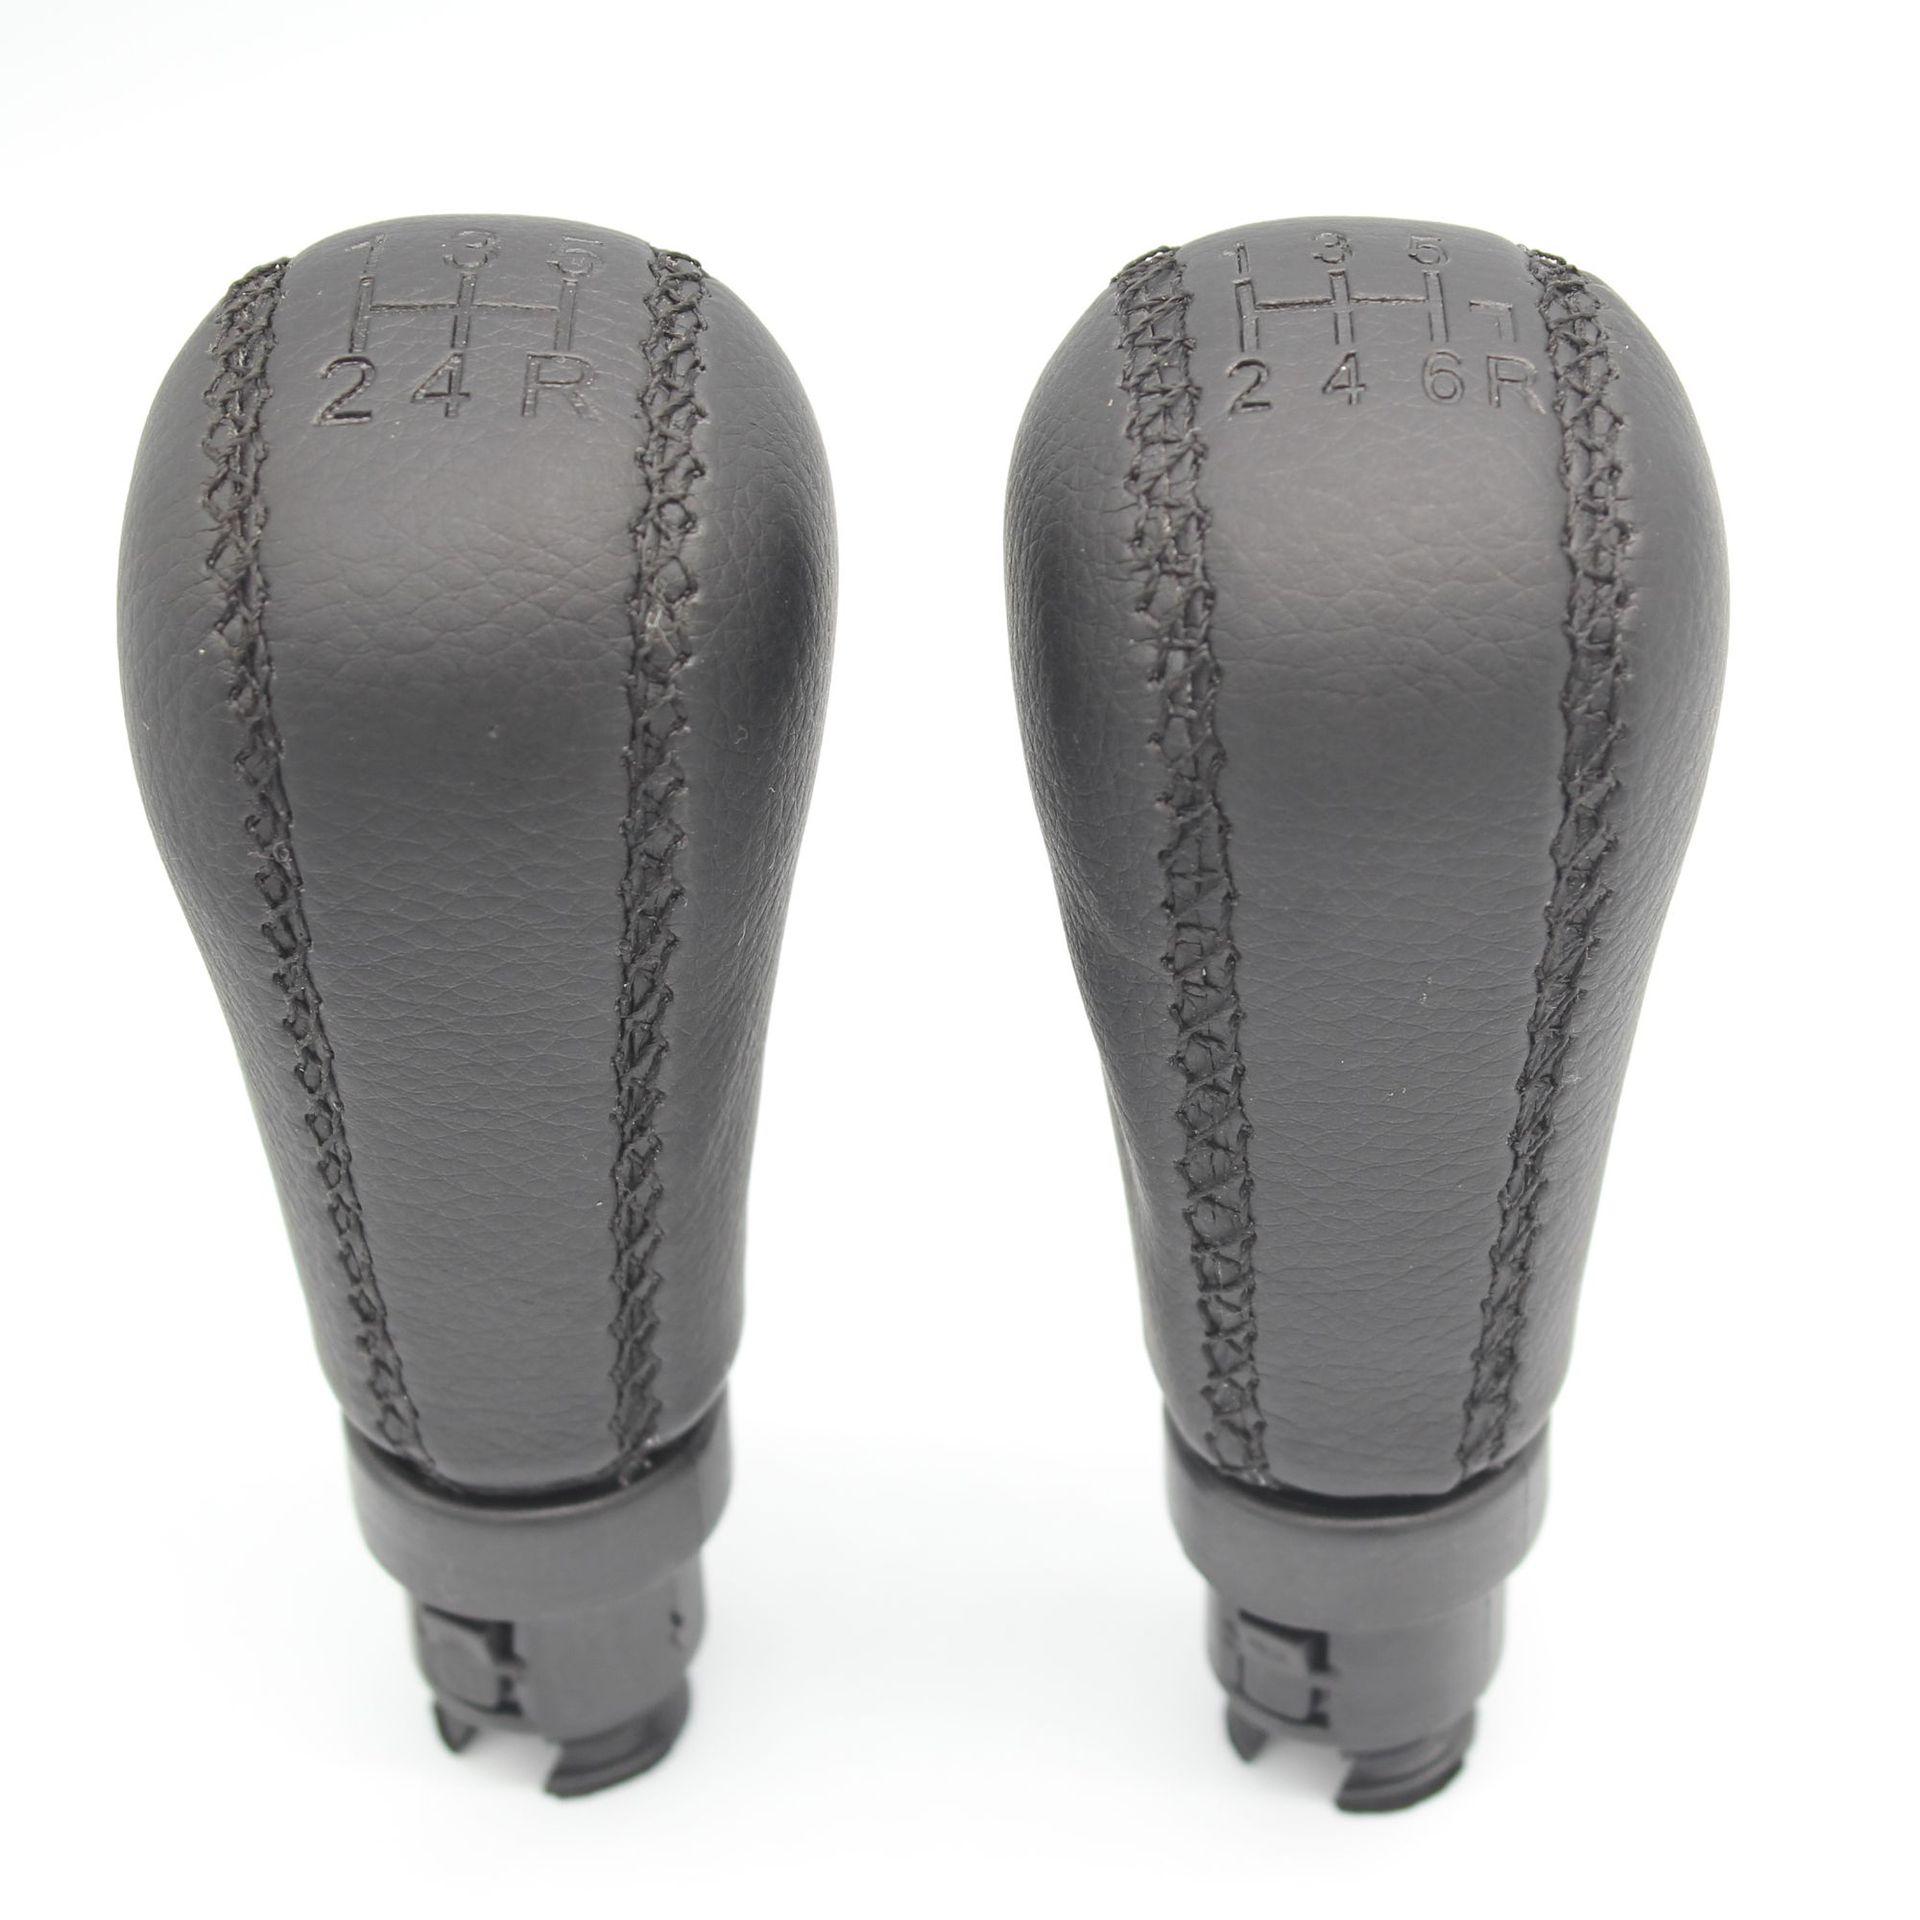 Ручка переключения рулевого механизма автомобиля для Volvo S60 S80 V70 XC70 сшитая кожаная 5 / 6 ручной рычаг переключения передач гандбол